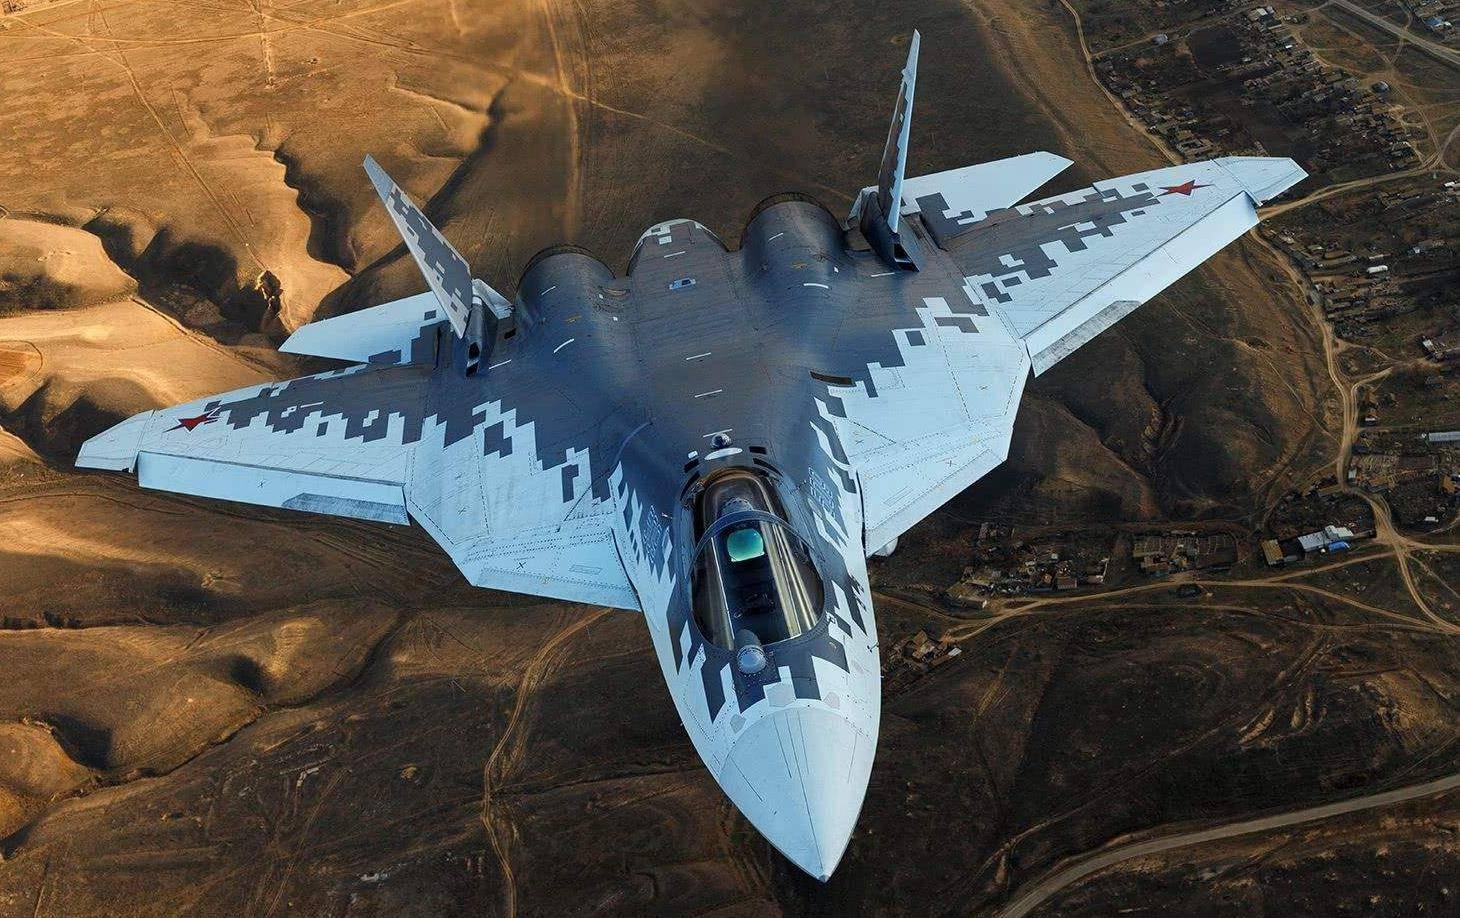 苏-57我卖定了!称第二条五代机生产线已上马:200架任务必须完成